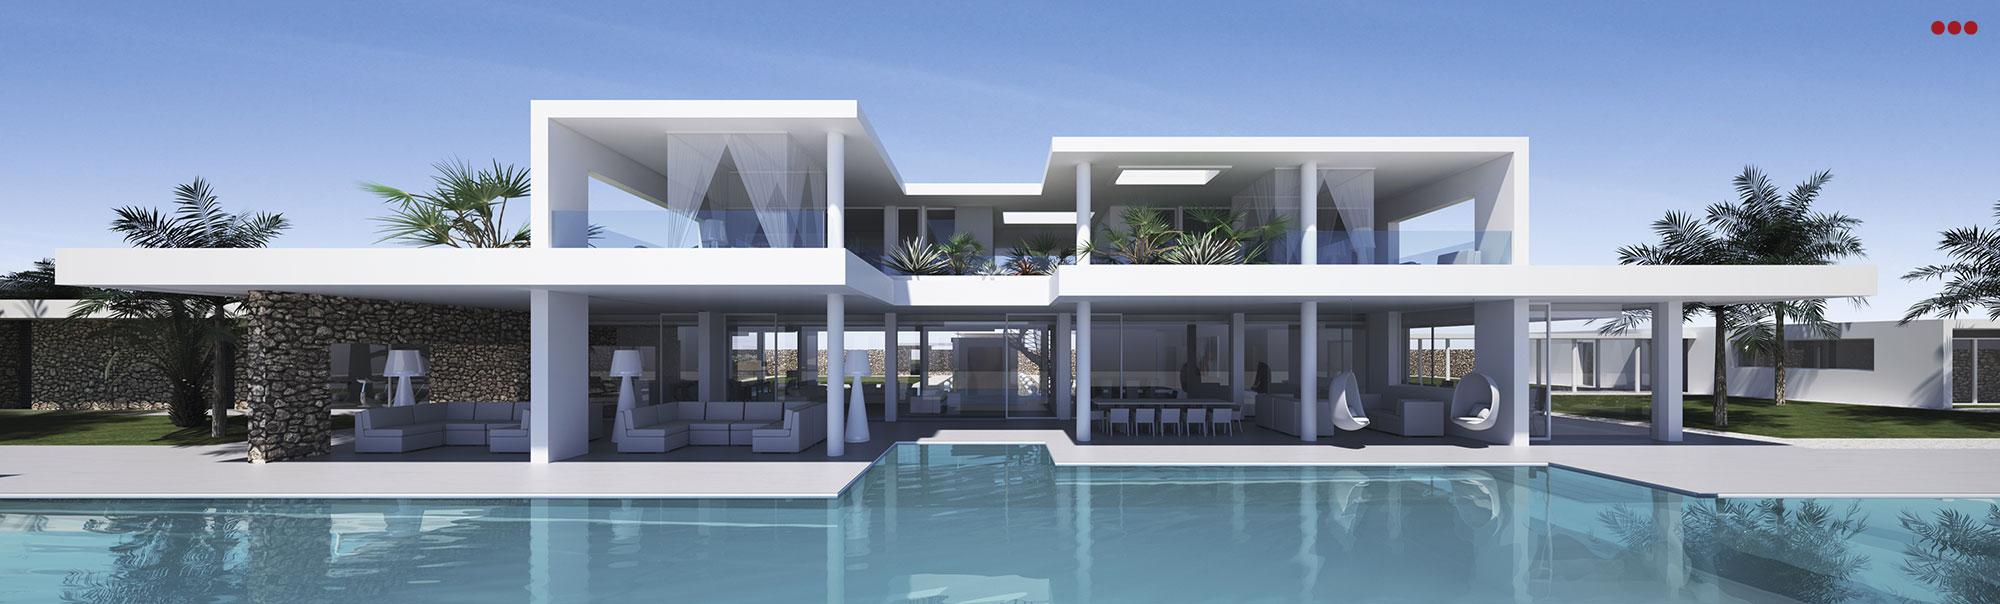 3D Studio Bartolini Villa Pemba progettazione rendering architettura grafica 13